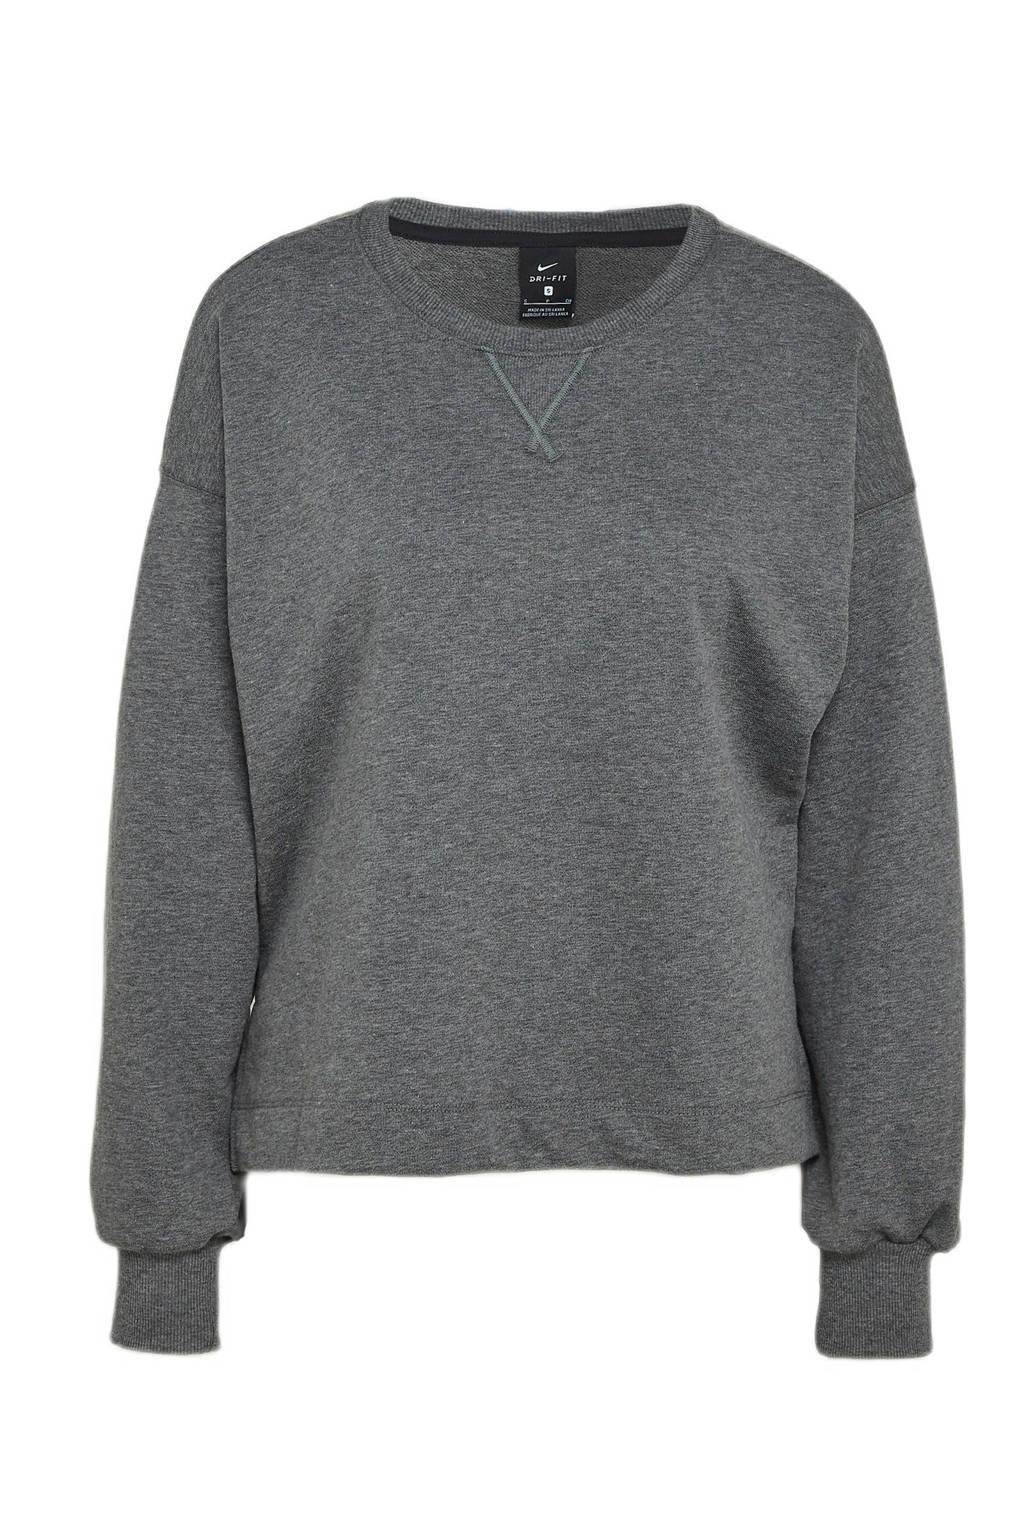 Nike sportsweater donkergrijs, Donkergrijs